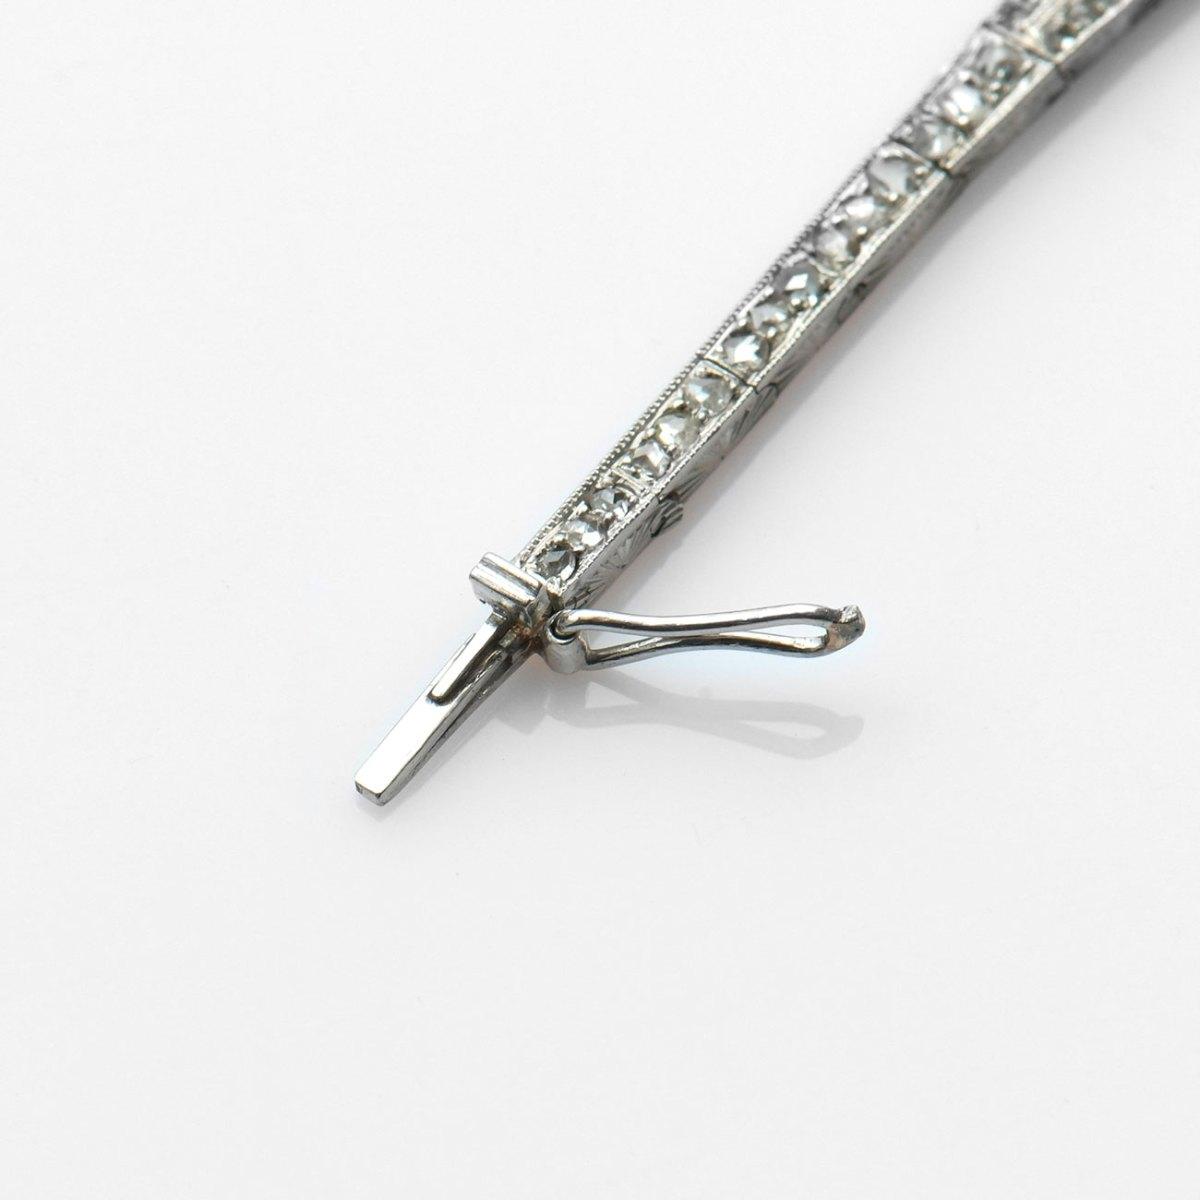 Bracelet platine perles et roses, long. 17,5 cm, poids 18.4 g | Réf. BR-B18887 | EVENOR Joaillerie • Bijoux neufs & Bijoux Vintage